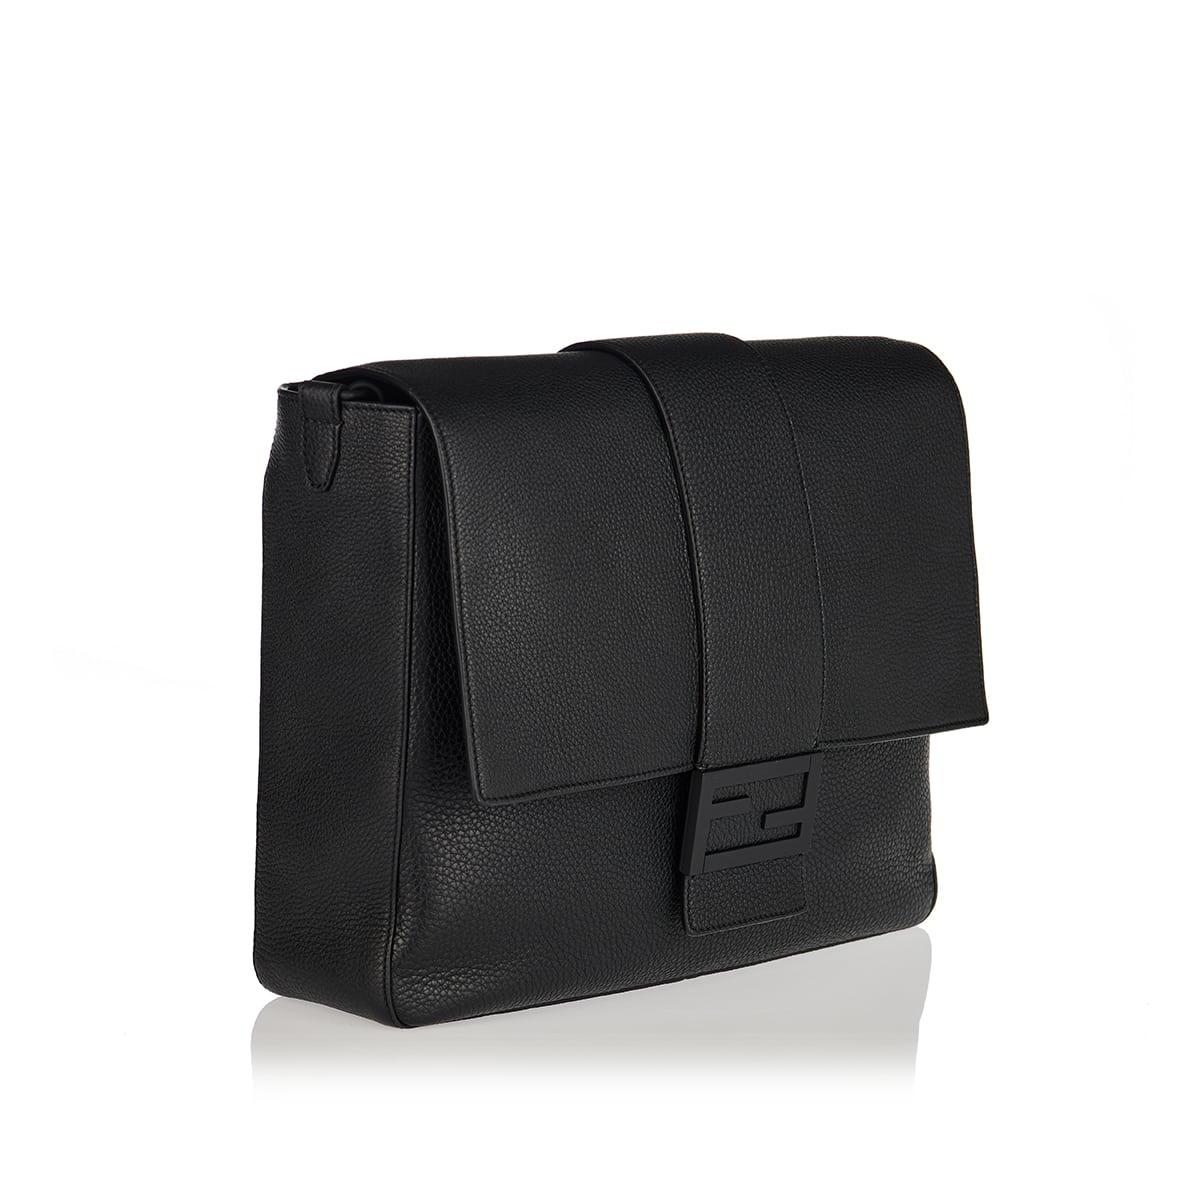 Baguette leather messenger bag